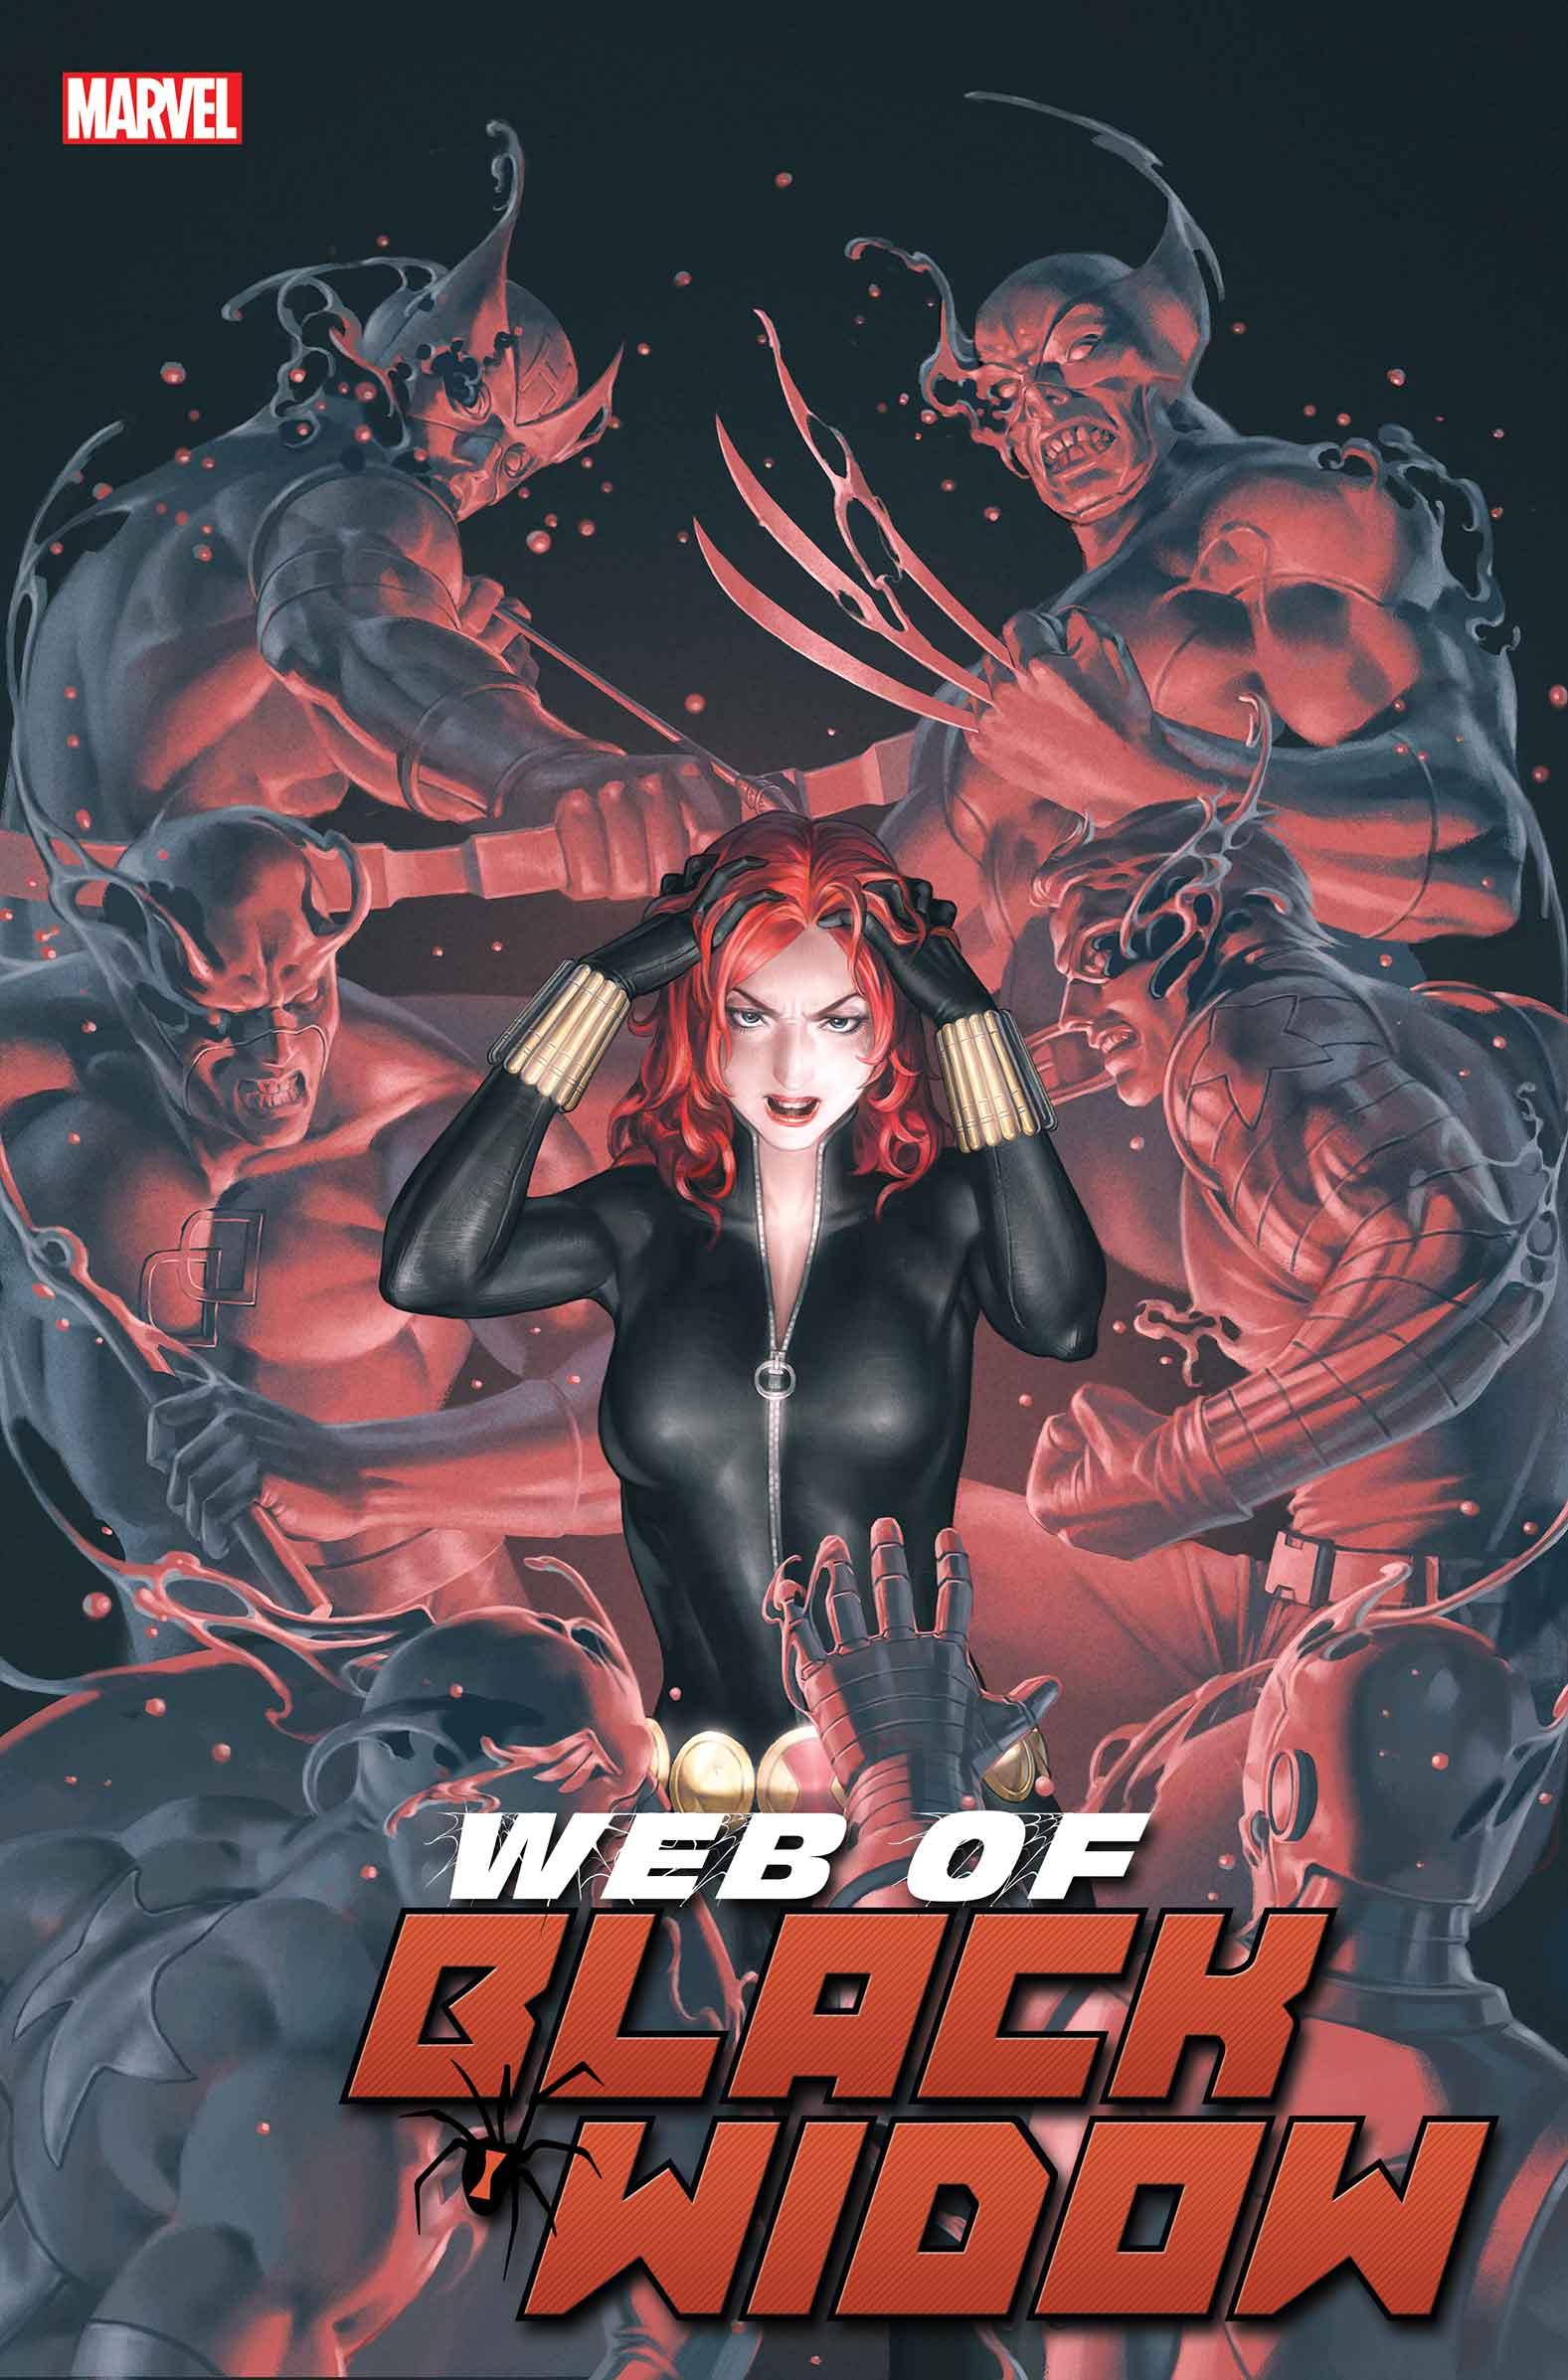 WEBOFBWIDOW2019002_cov